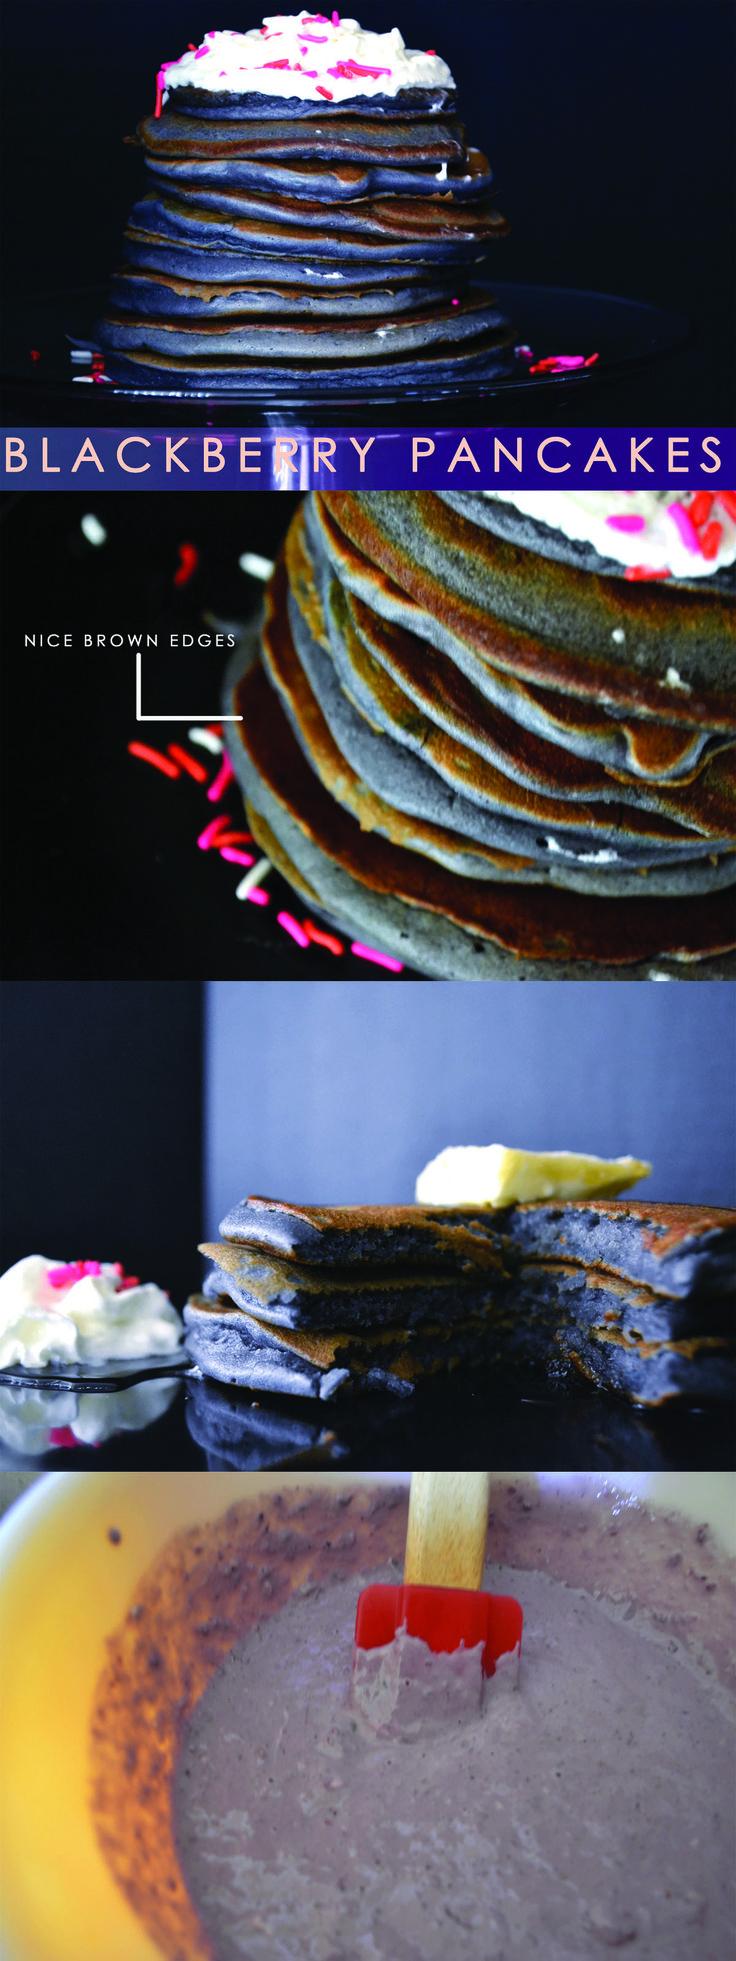 Blackberry Pancakes : Blog To Taste www.blogtotaste.com